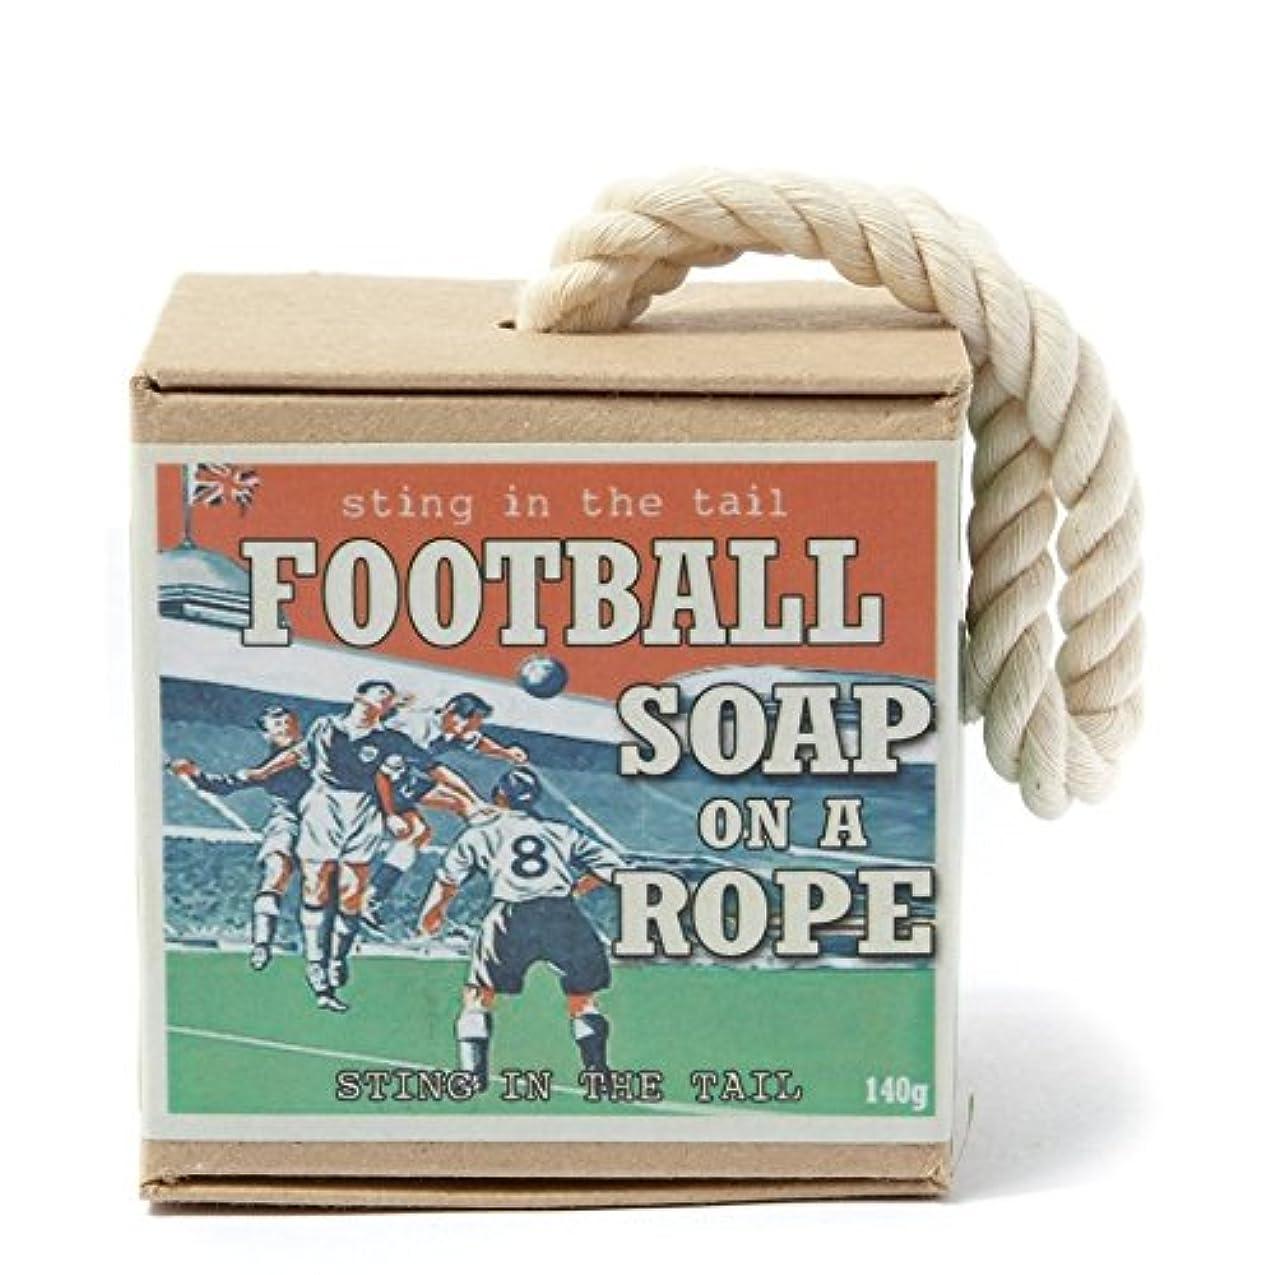 軸天皇リブロープ石鹸のテールサッカーで刺します x4 - Sting In The Tail Football on a Rope Soap (Pack of 4) [並行輸入品]